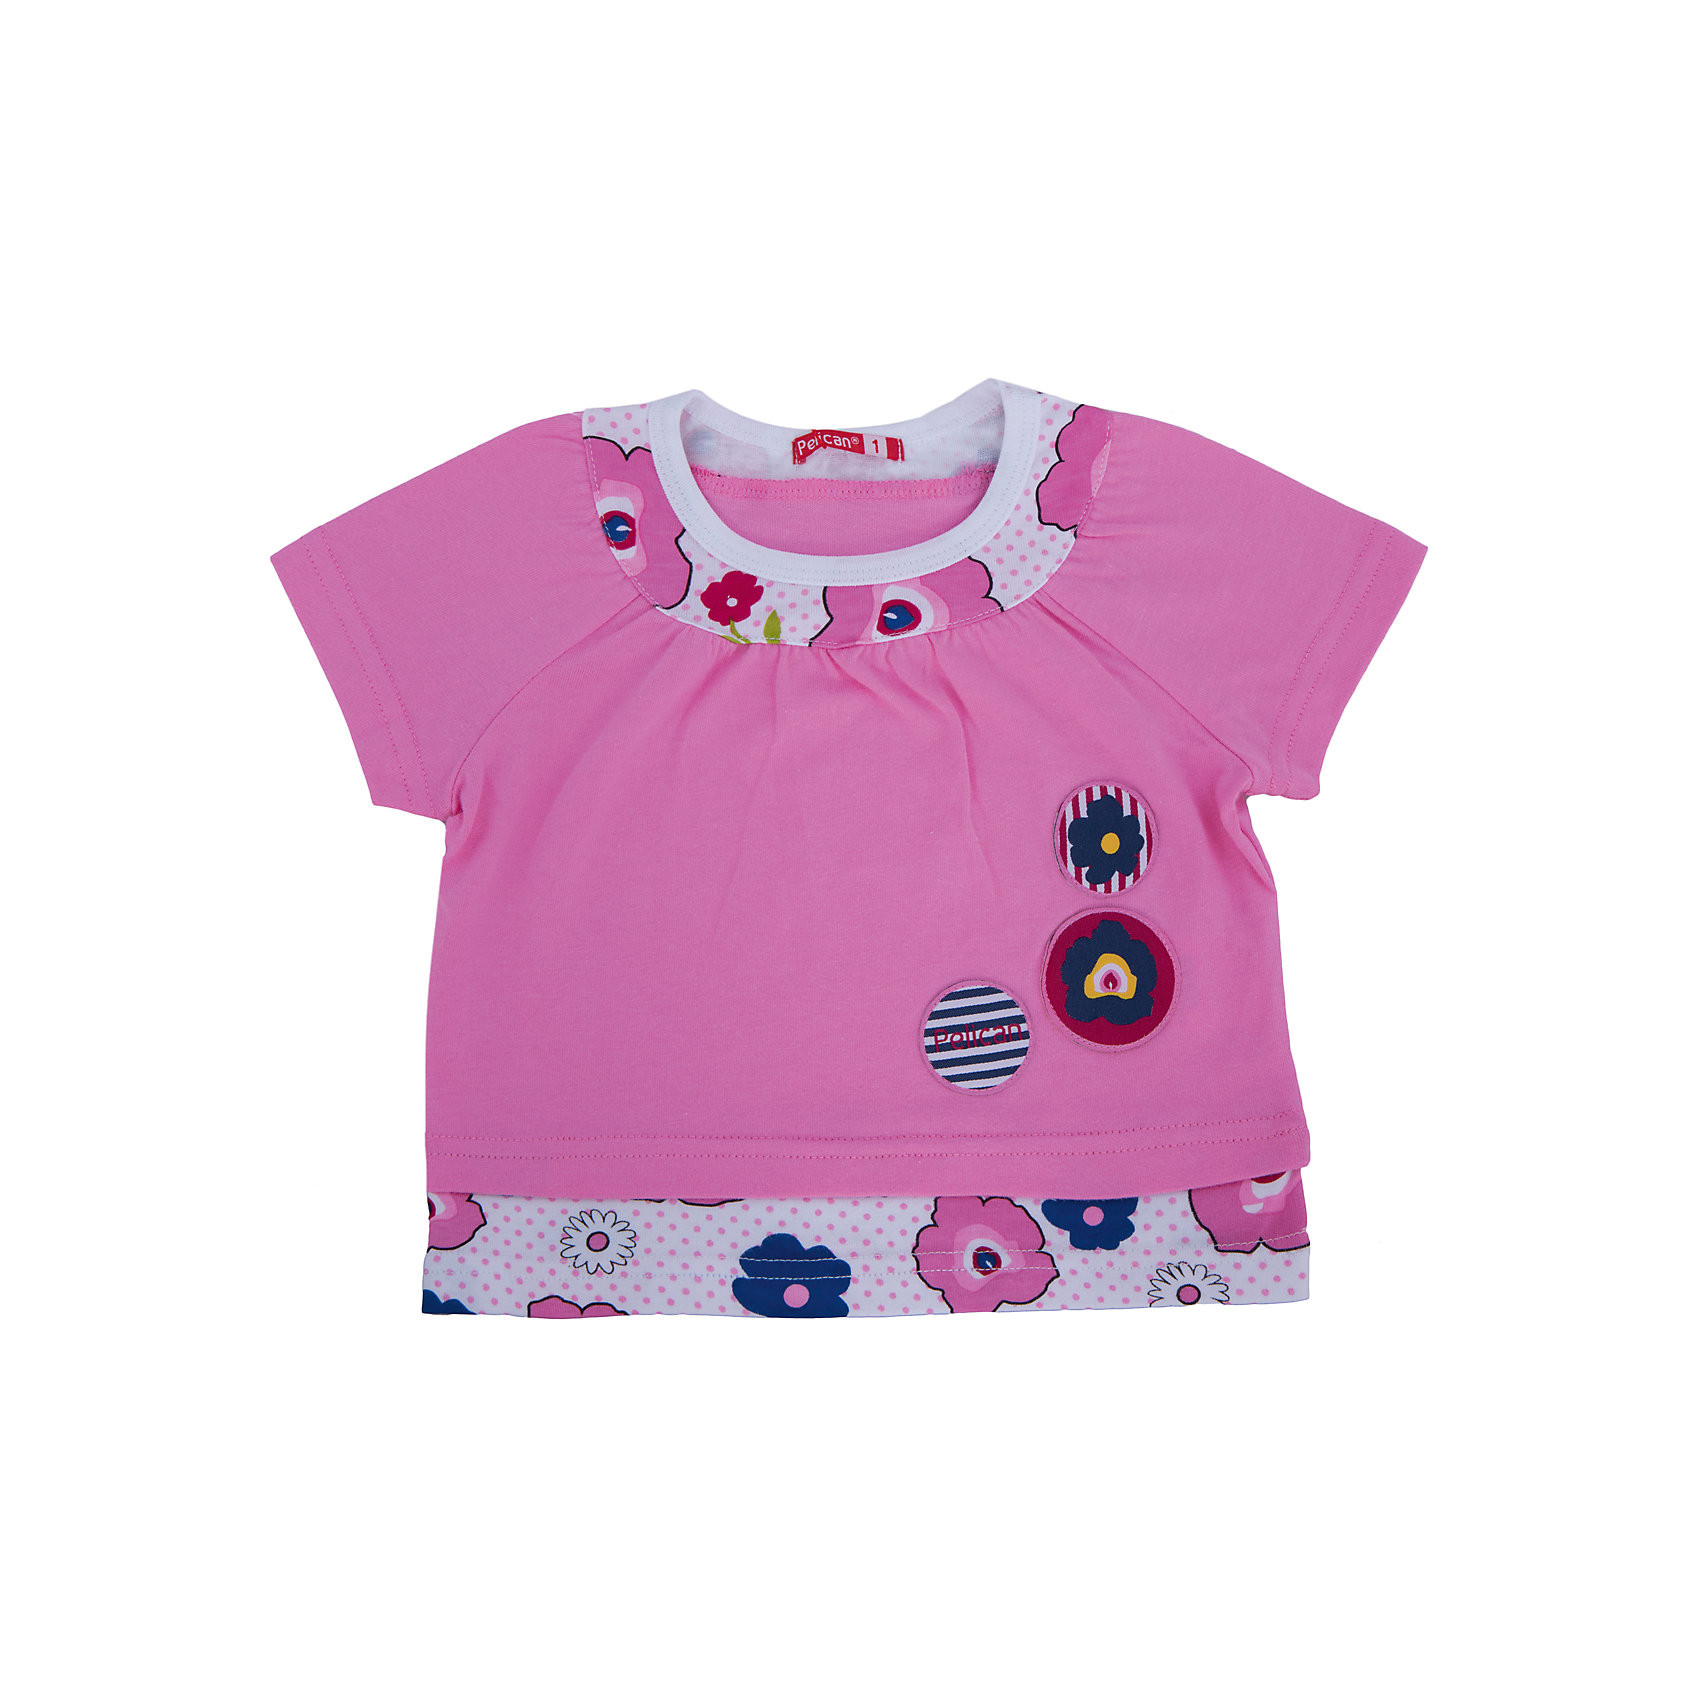 Футболка для девочки PELICANФутболки, поло и топы<br>Оригинальная удобная футболка для девочки поможет разнообразить гардероб ребенка, создать легкий подходящий погоде ансамбль. Удобный крой и качественный материал обеспечат ребенку комфорт при ношении этих вещей. <br>Футболка очень стильно смотрится благодаря актуальному дизайну. Изделие украшено модным принтом, контрастной вставкой на горловине. Рукава - короткие. Материал - легкий, отлично подходит для лета, состоит из дышащего натурального хлопка. Очень приятен на ощупь, не вызывает аллергии.<br><br>Дополнительная информация:<br><br>материал: 100% хлопок;<br>цвет: розовый;<br>принт;<br>рукава короткие.<br><br>Футболку для девочки от бренда PELICAN (Пеликан) можно купить в нашем магазине.<br><br>Ширина мм: 199<br>Глубина мм: 10<br>Высота мм: 161<br>Вес г: 151<br>Цвет: розовый<br>Возраст от месяцев: 48<br>Возраст до месяцев: 60<br>Пол: Женский<br>Возраст: Детский<br>Размер: 110,86,92<br>SKU: 4805133